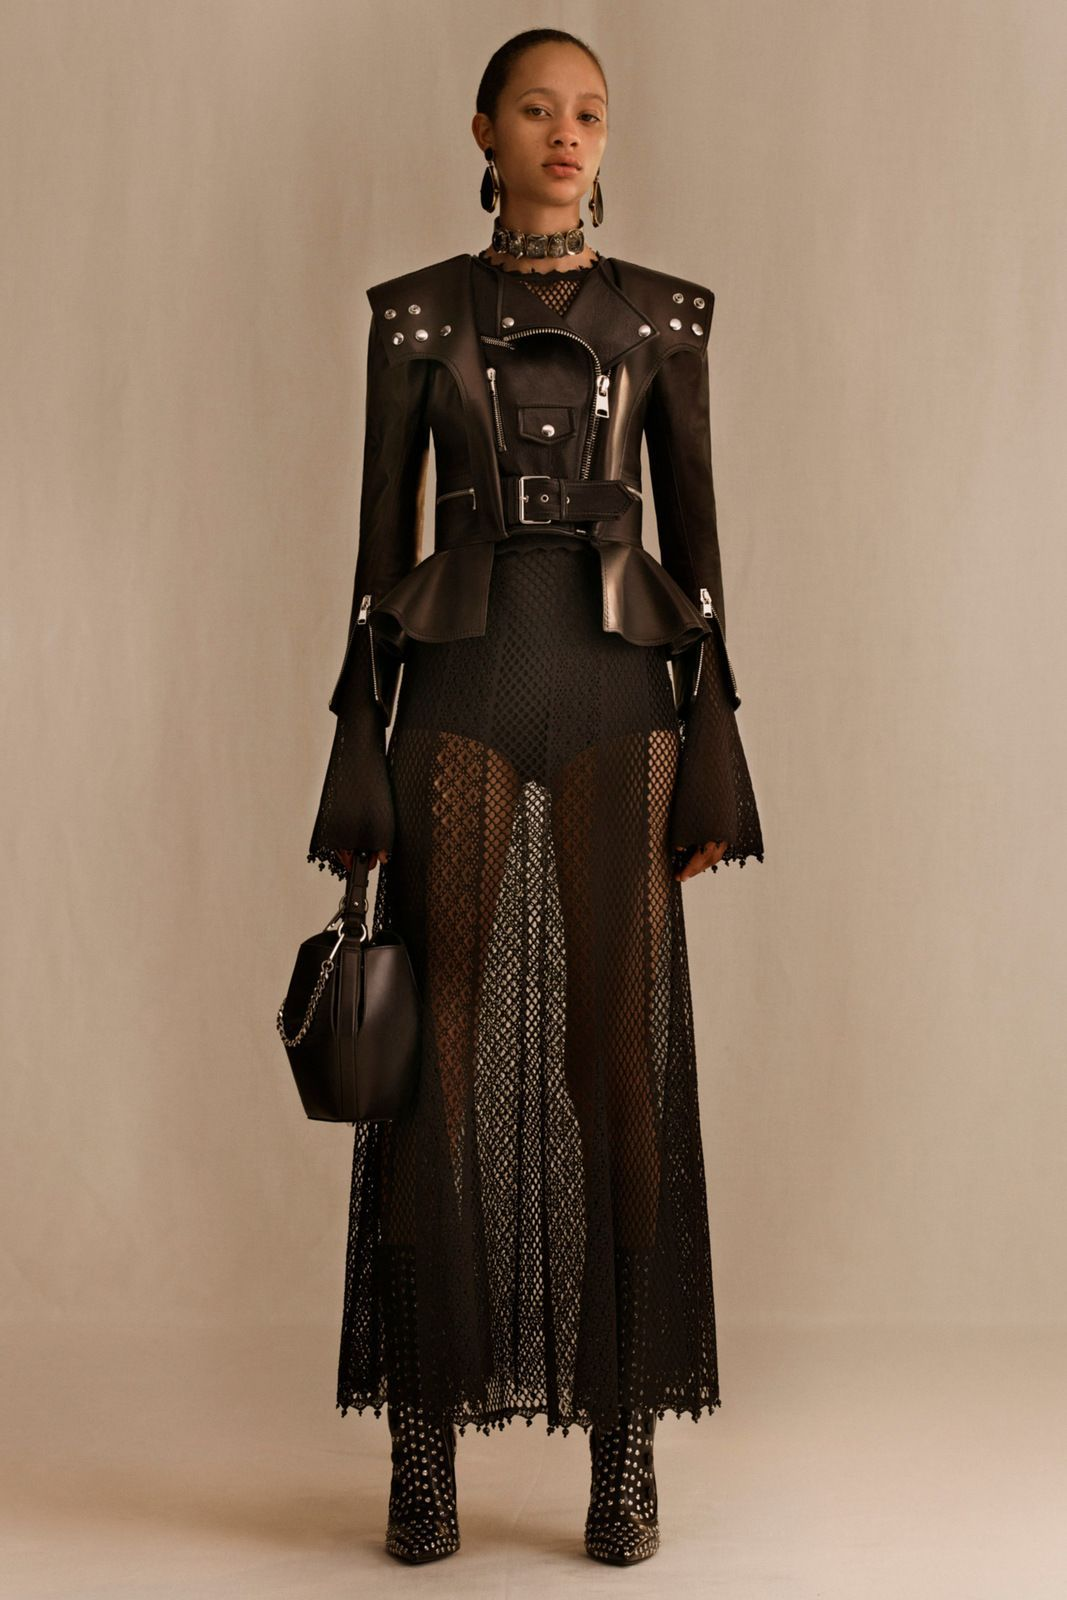 Alexander McQueen Resort 2019 #designer #fashioninspiration #designerclothes #alexandermcqueen